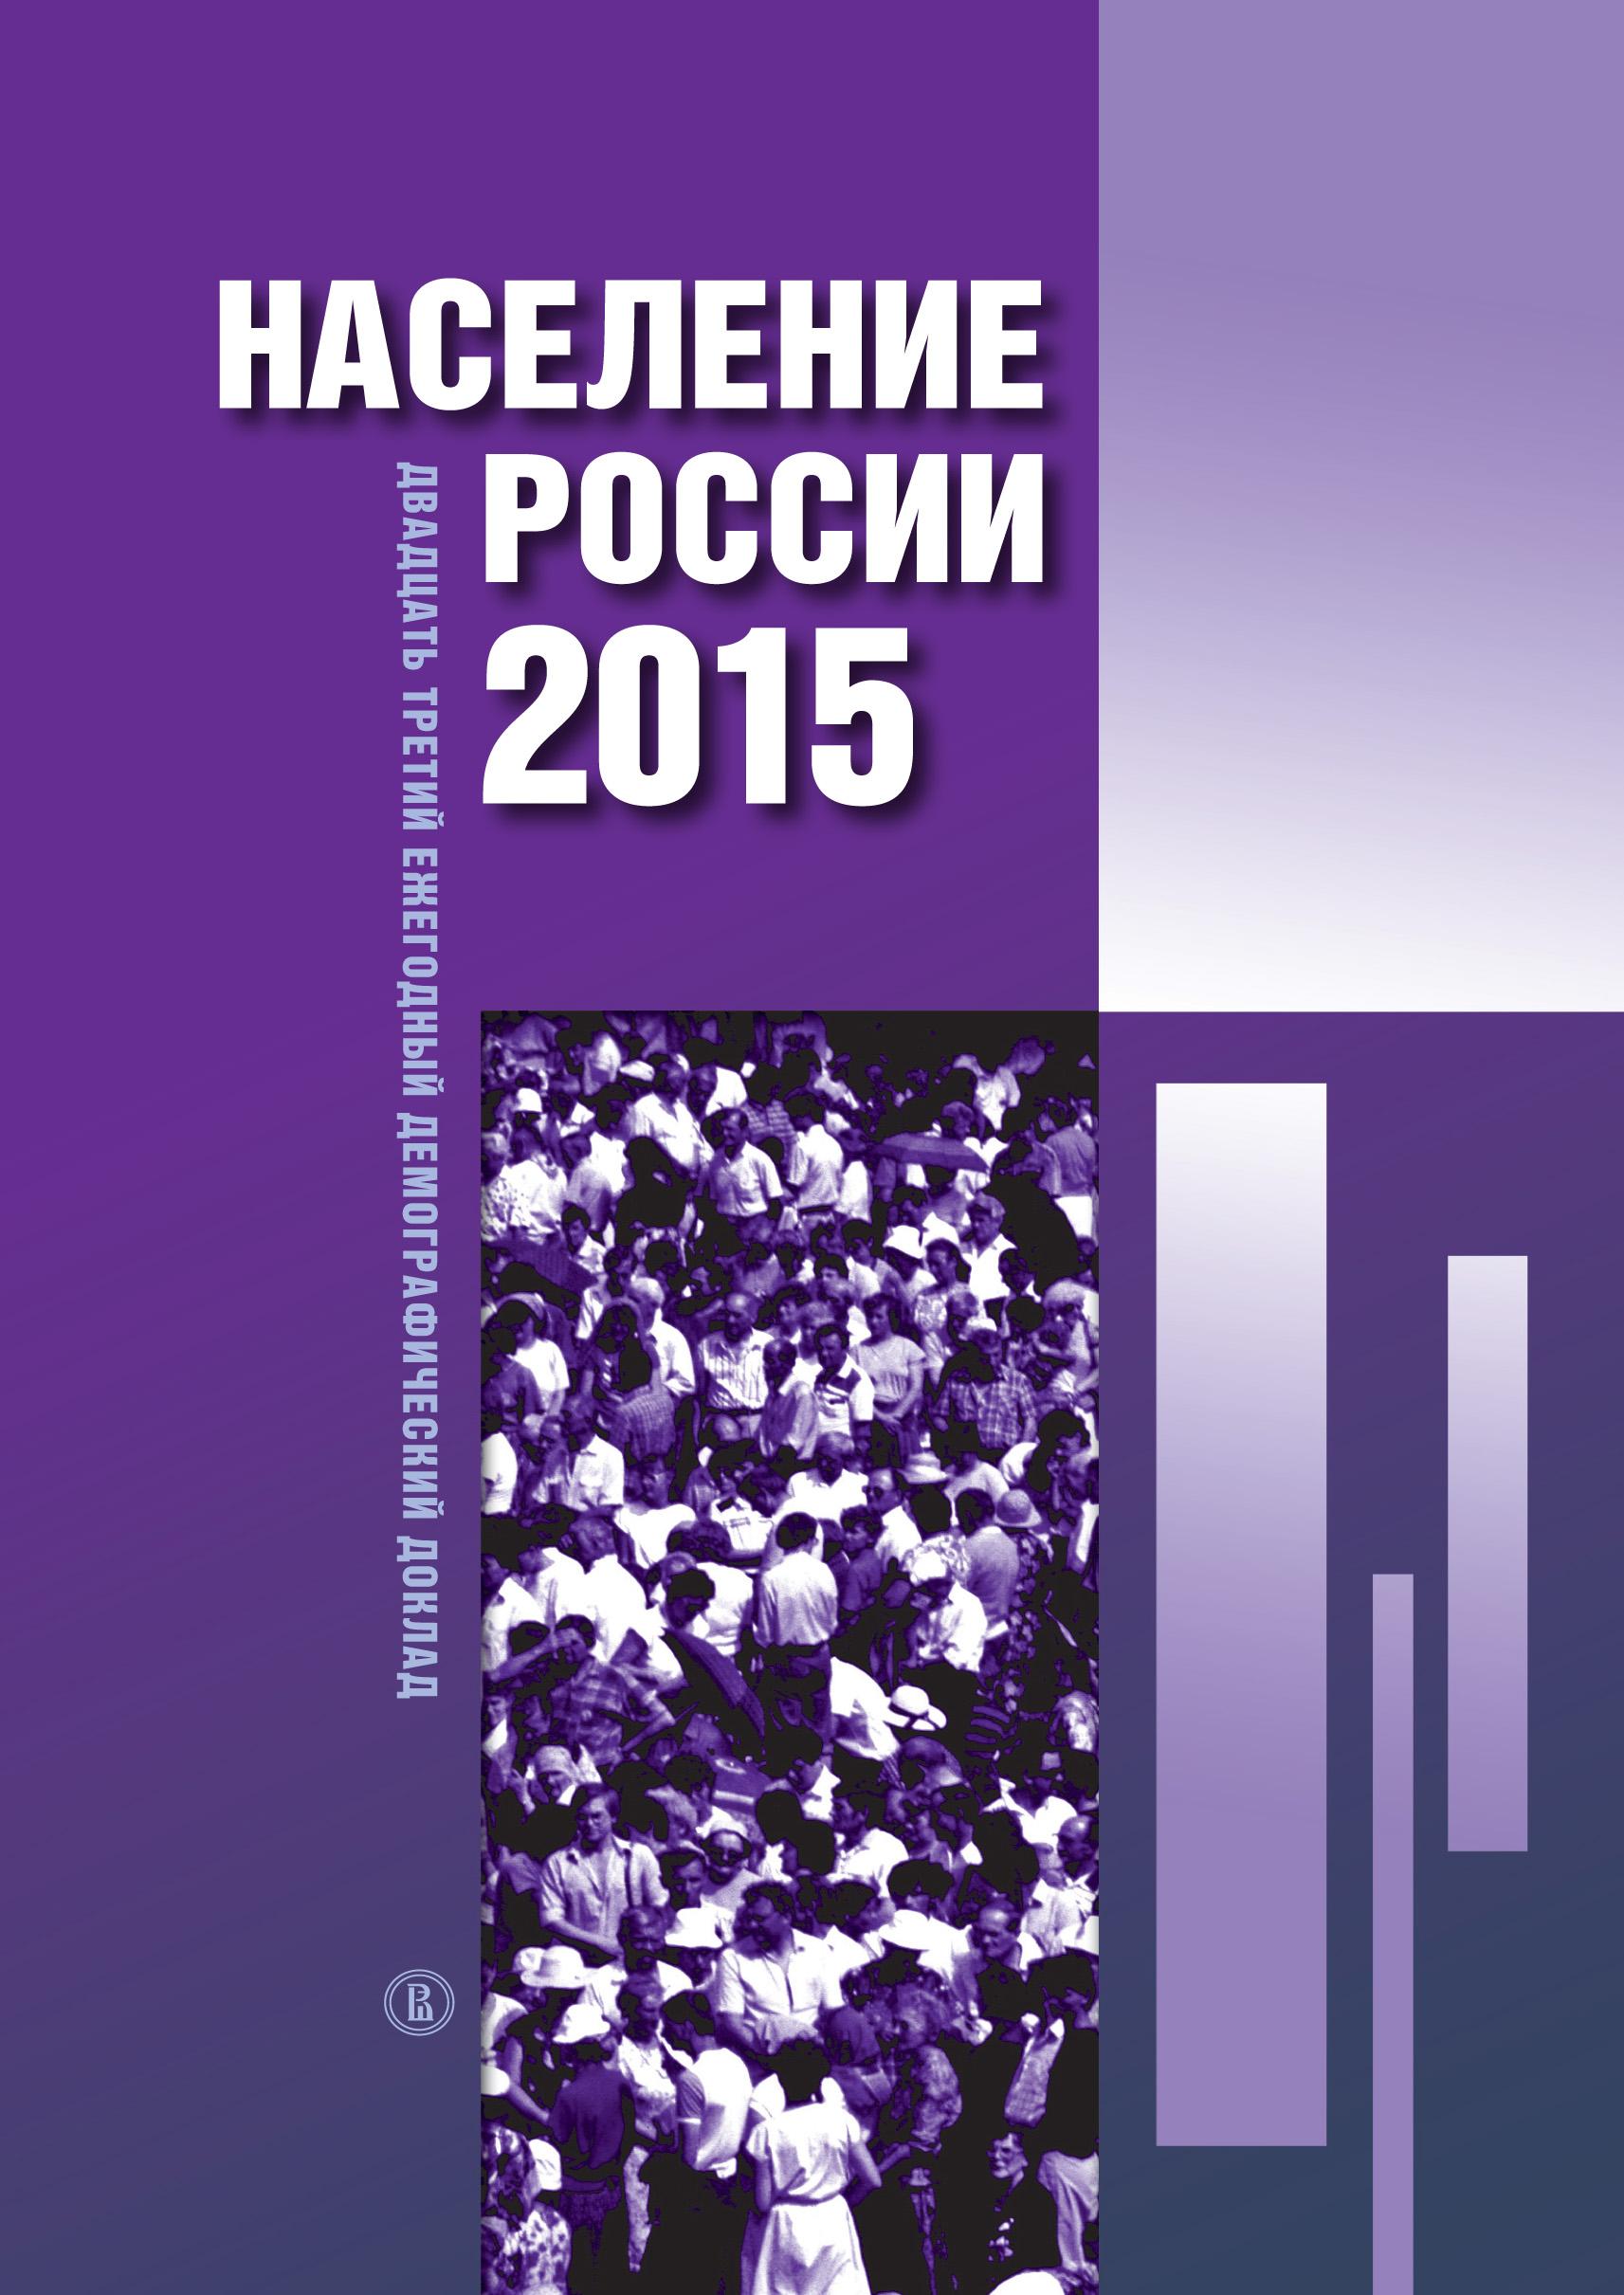 Коллектив авторов Население России 2015. Двадцатый третий ежегодный демографический доклад